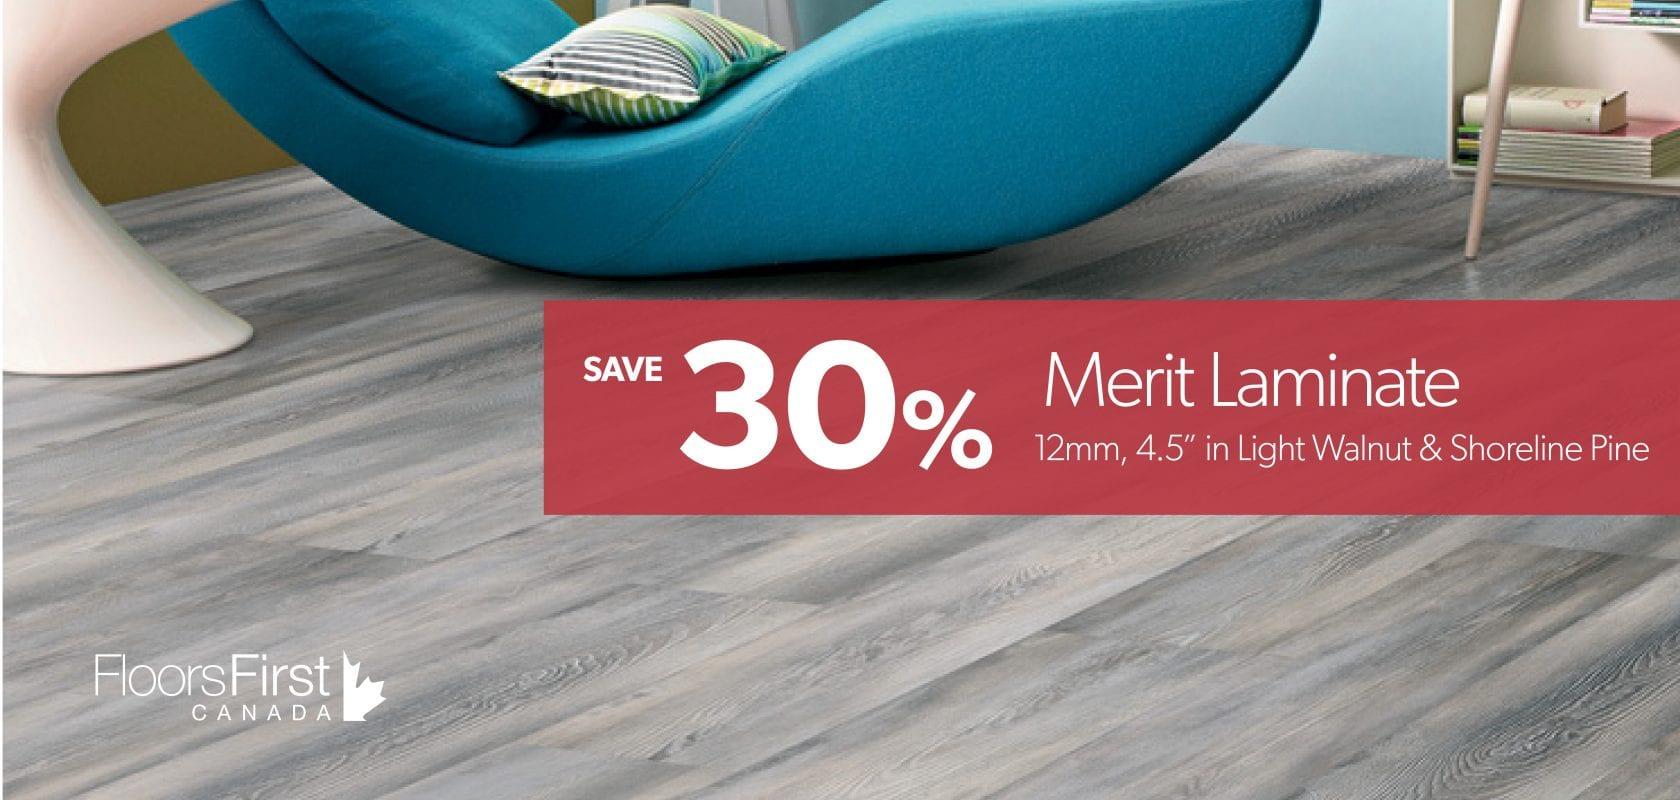 30% off Merit Laminate